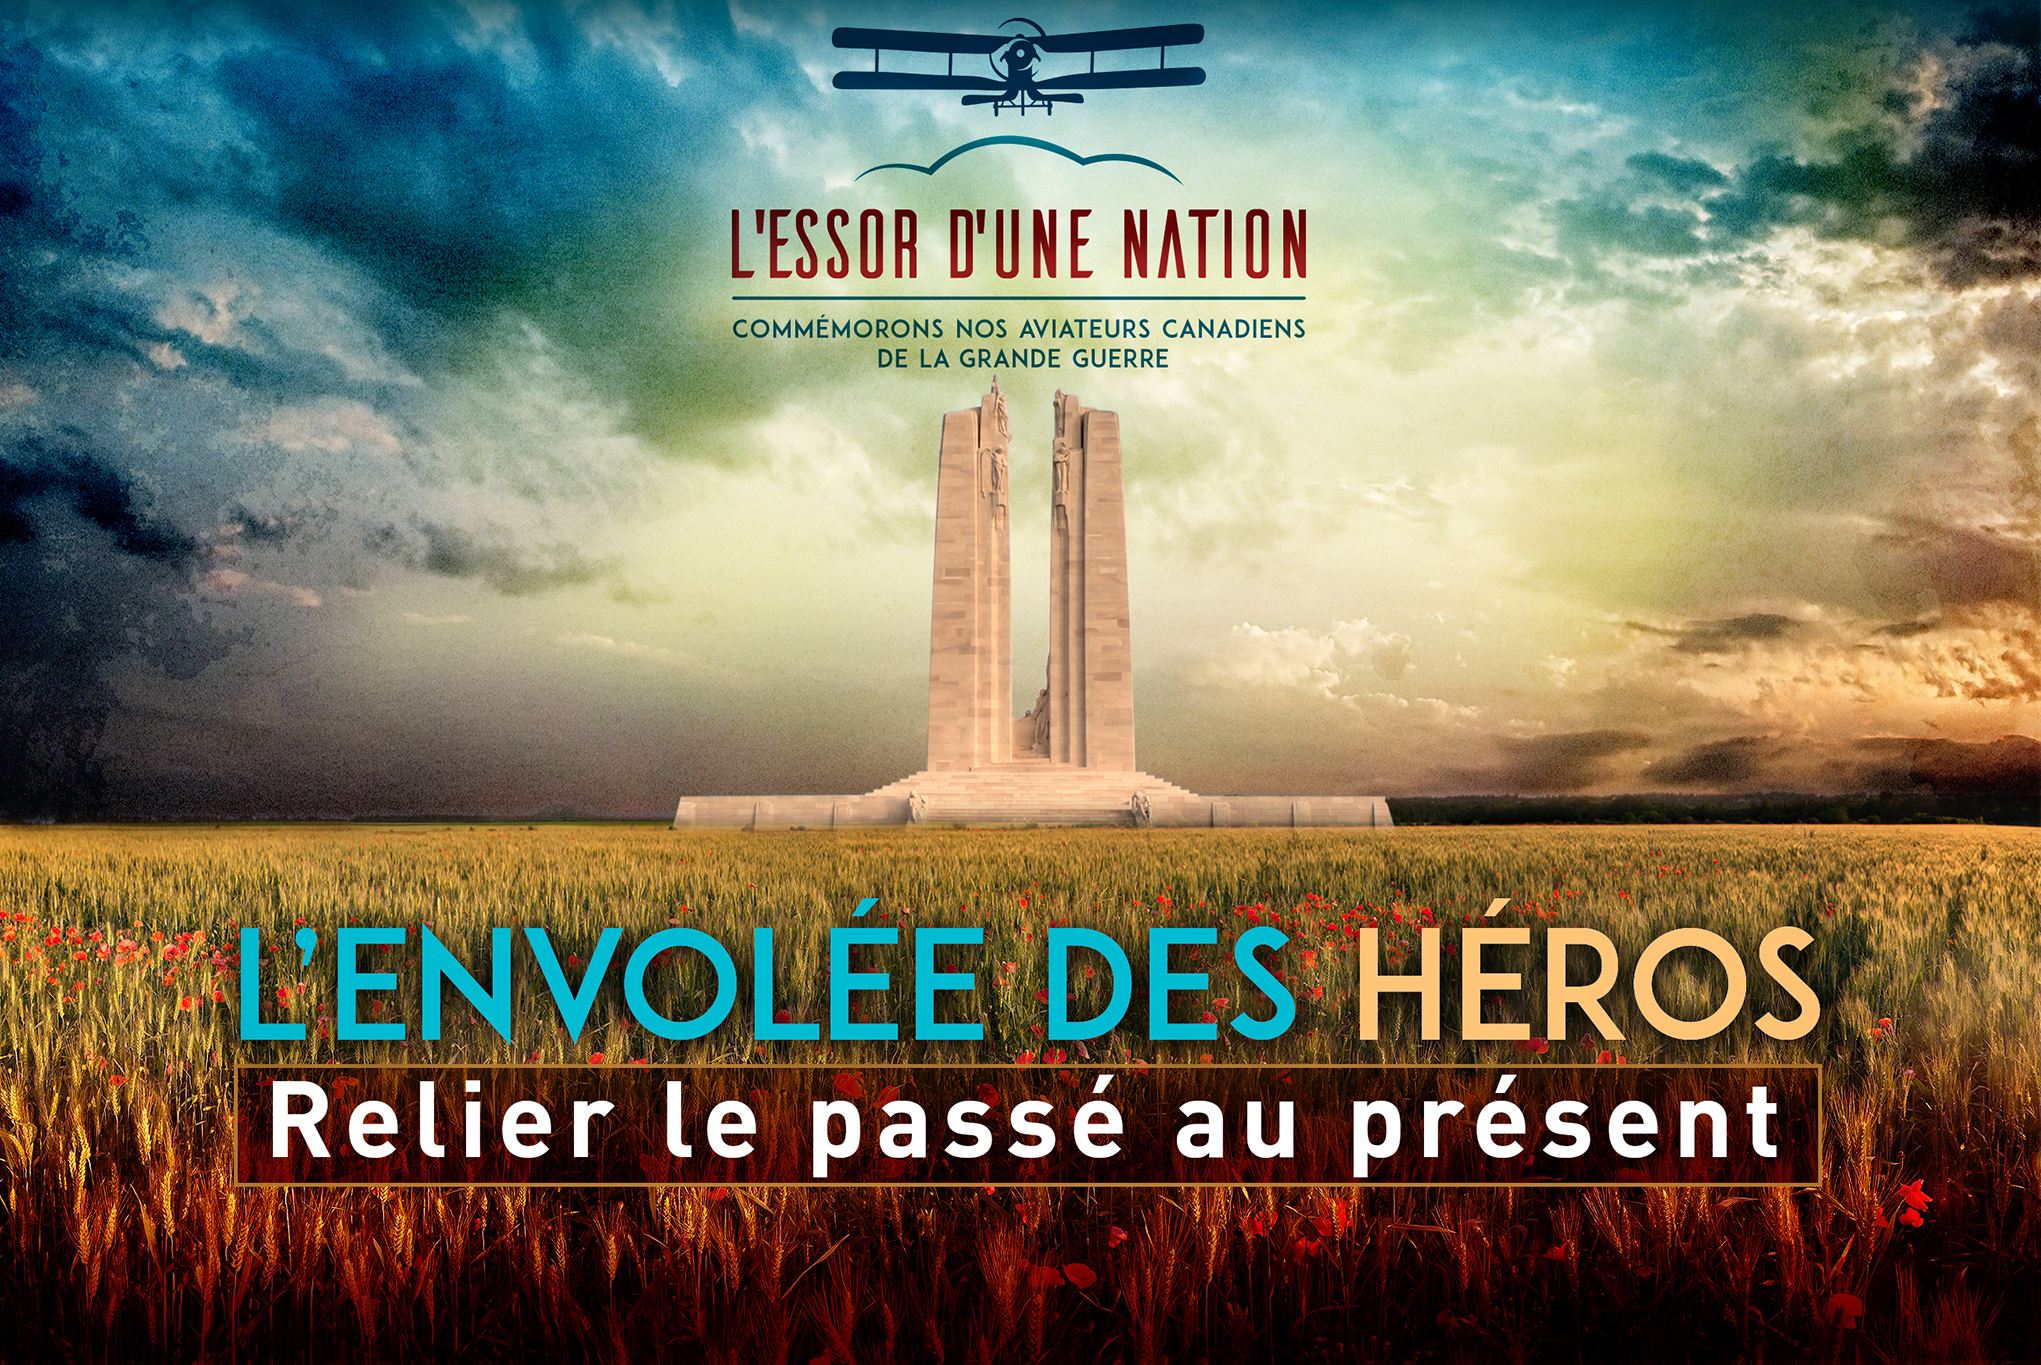 novembre - decembre 2017 - séries télévisées - « A Nation Soars: Commemorating Canada's Great War Flyers »